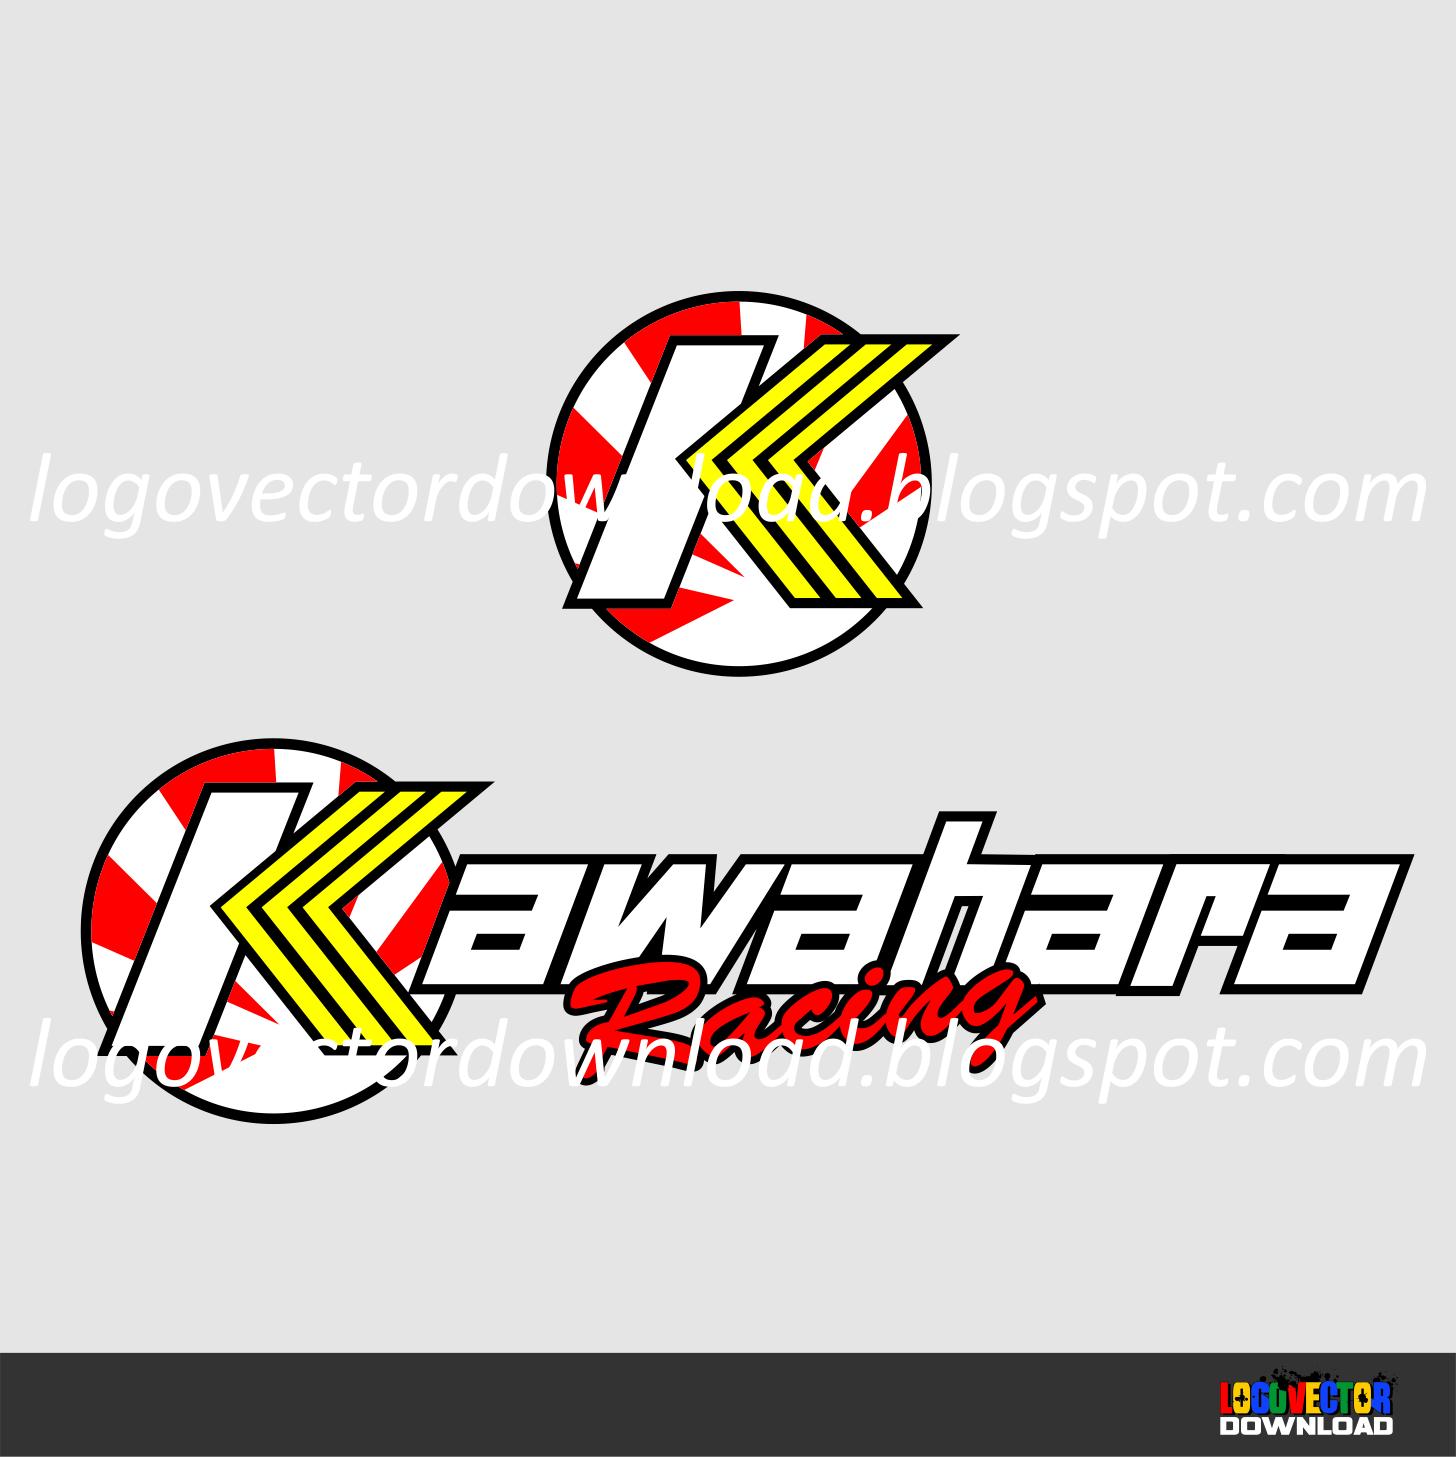 Kawahara racing logo vector cdr download